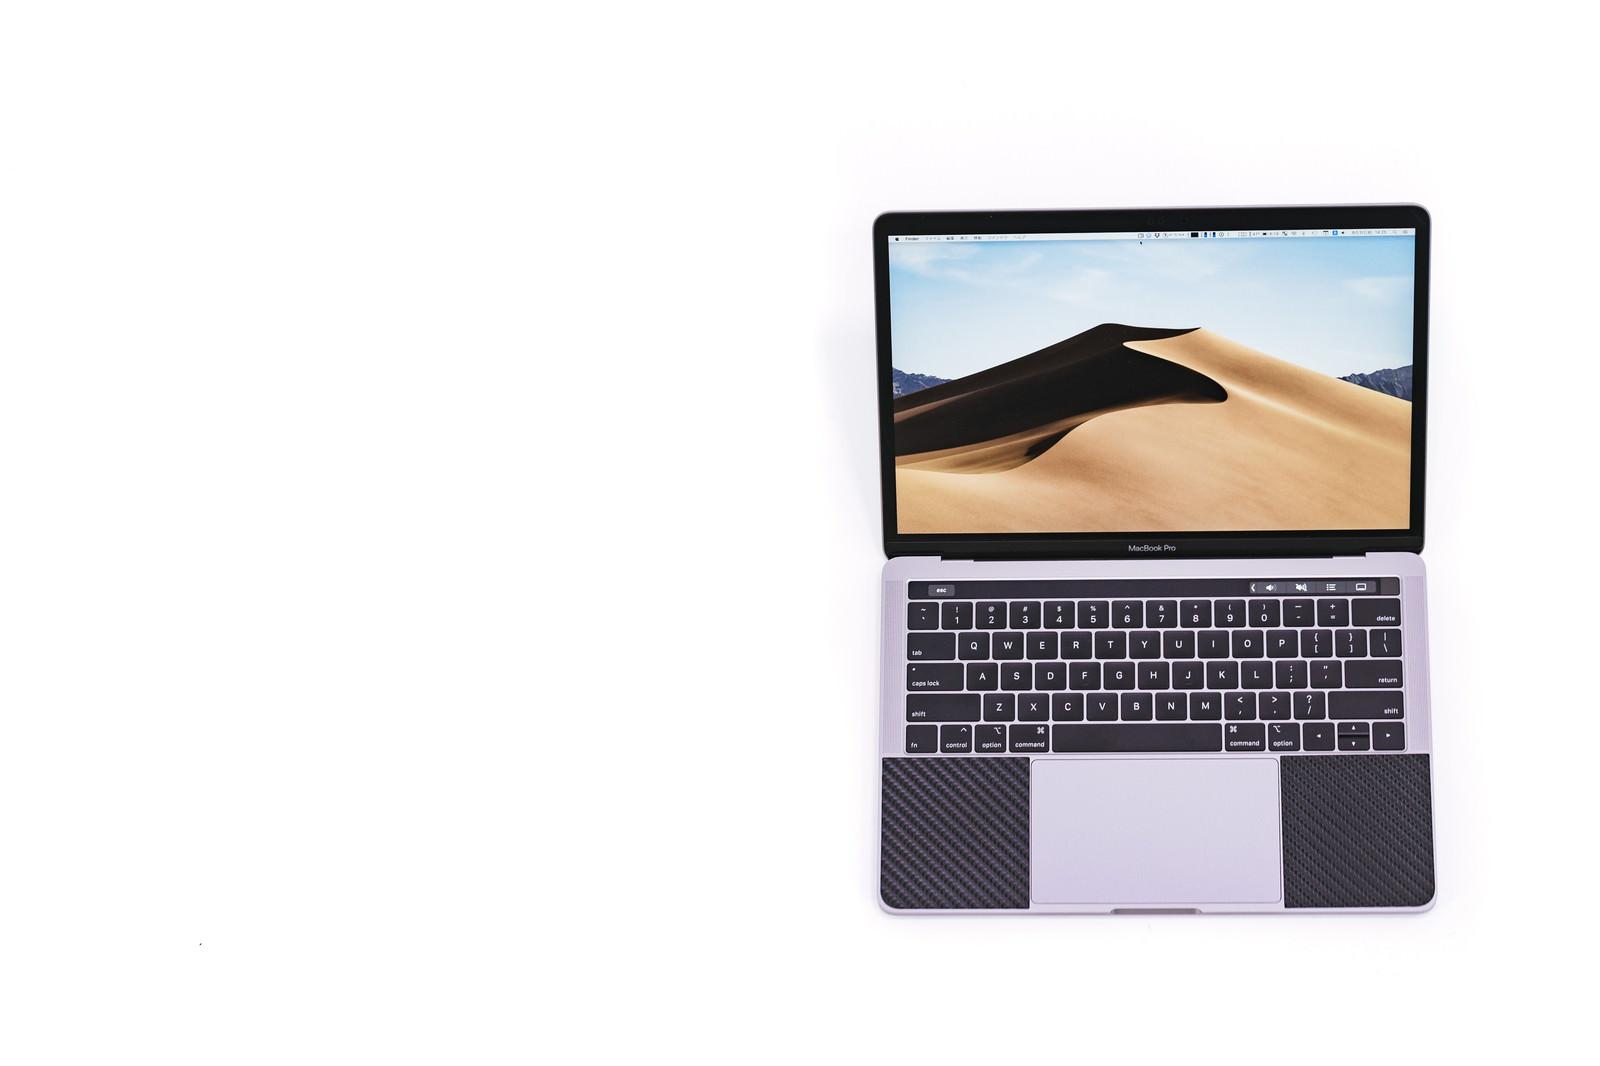 「新しい壁紙を表示したMacBook Pro 2018新しい壁紙を表示したMacBook Pro 2018」のフリー写真素材を拡大